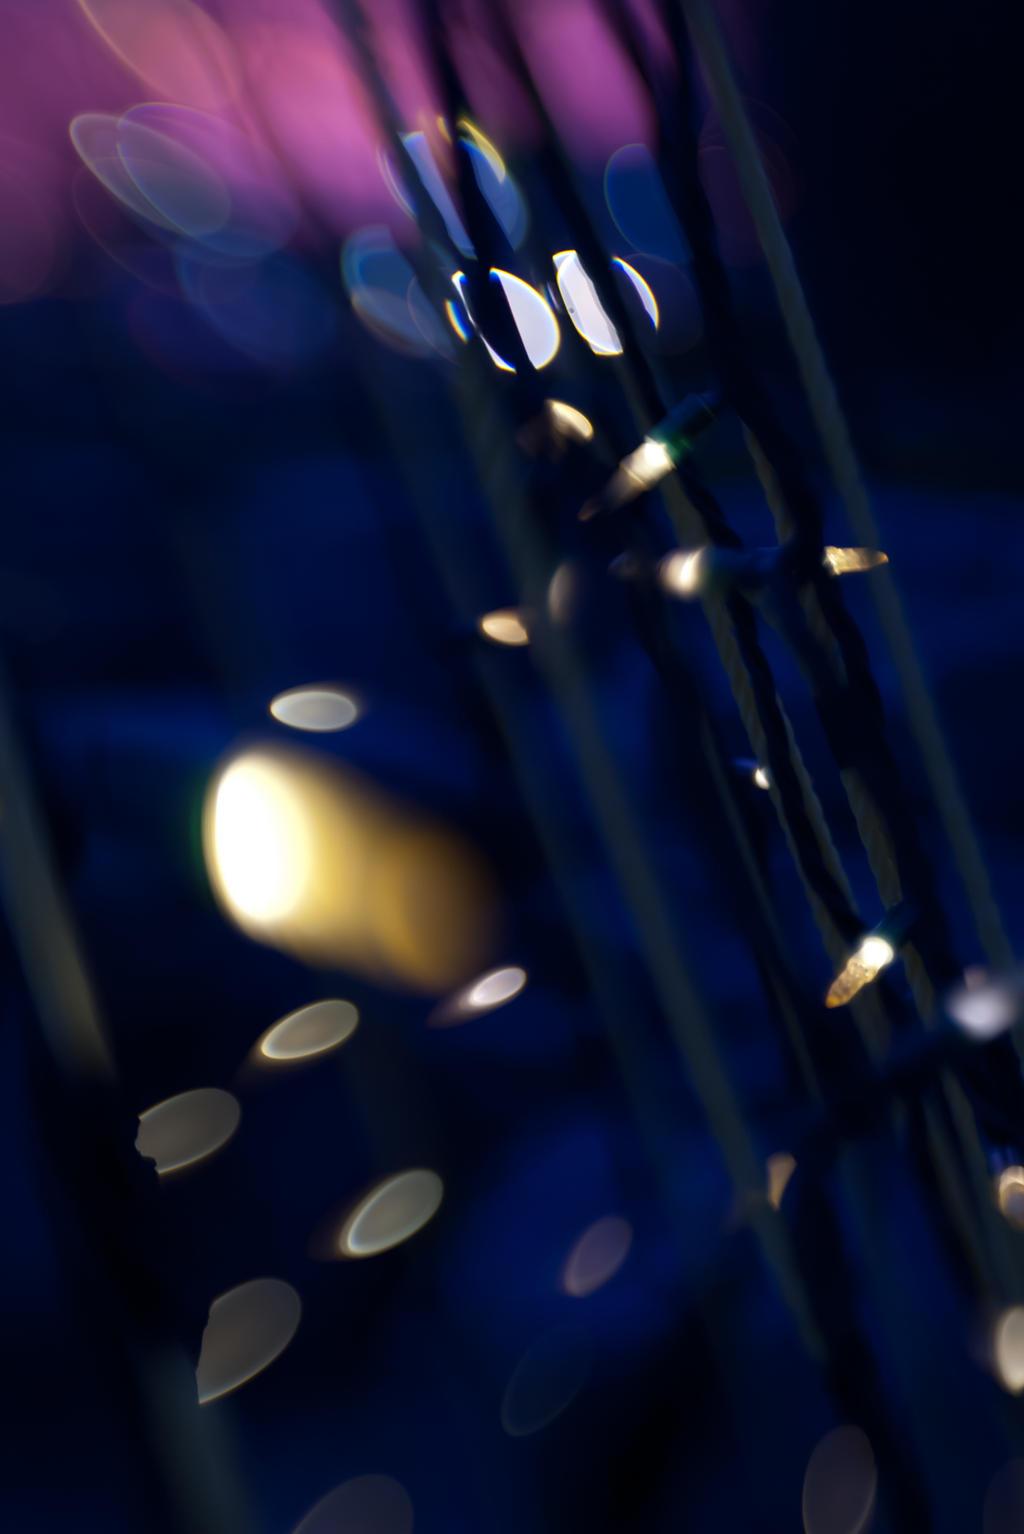 Lights by Ennev